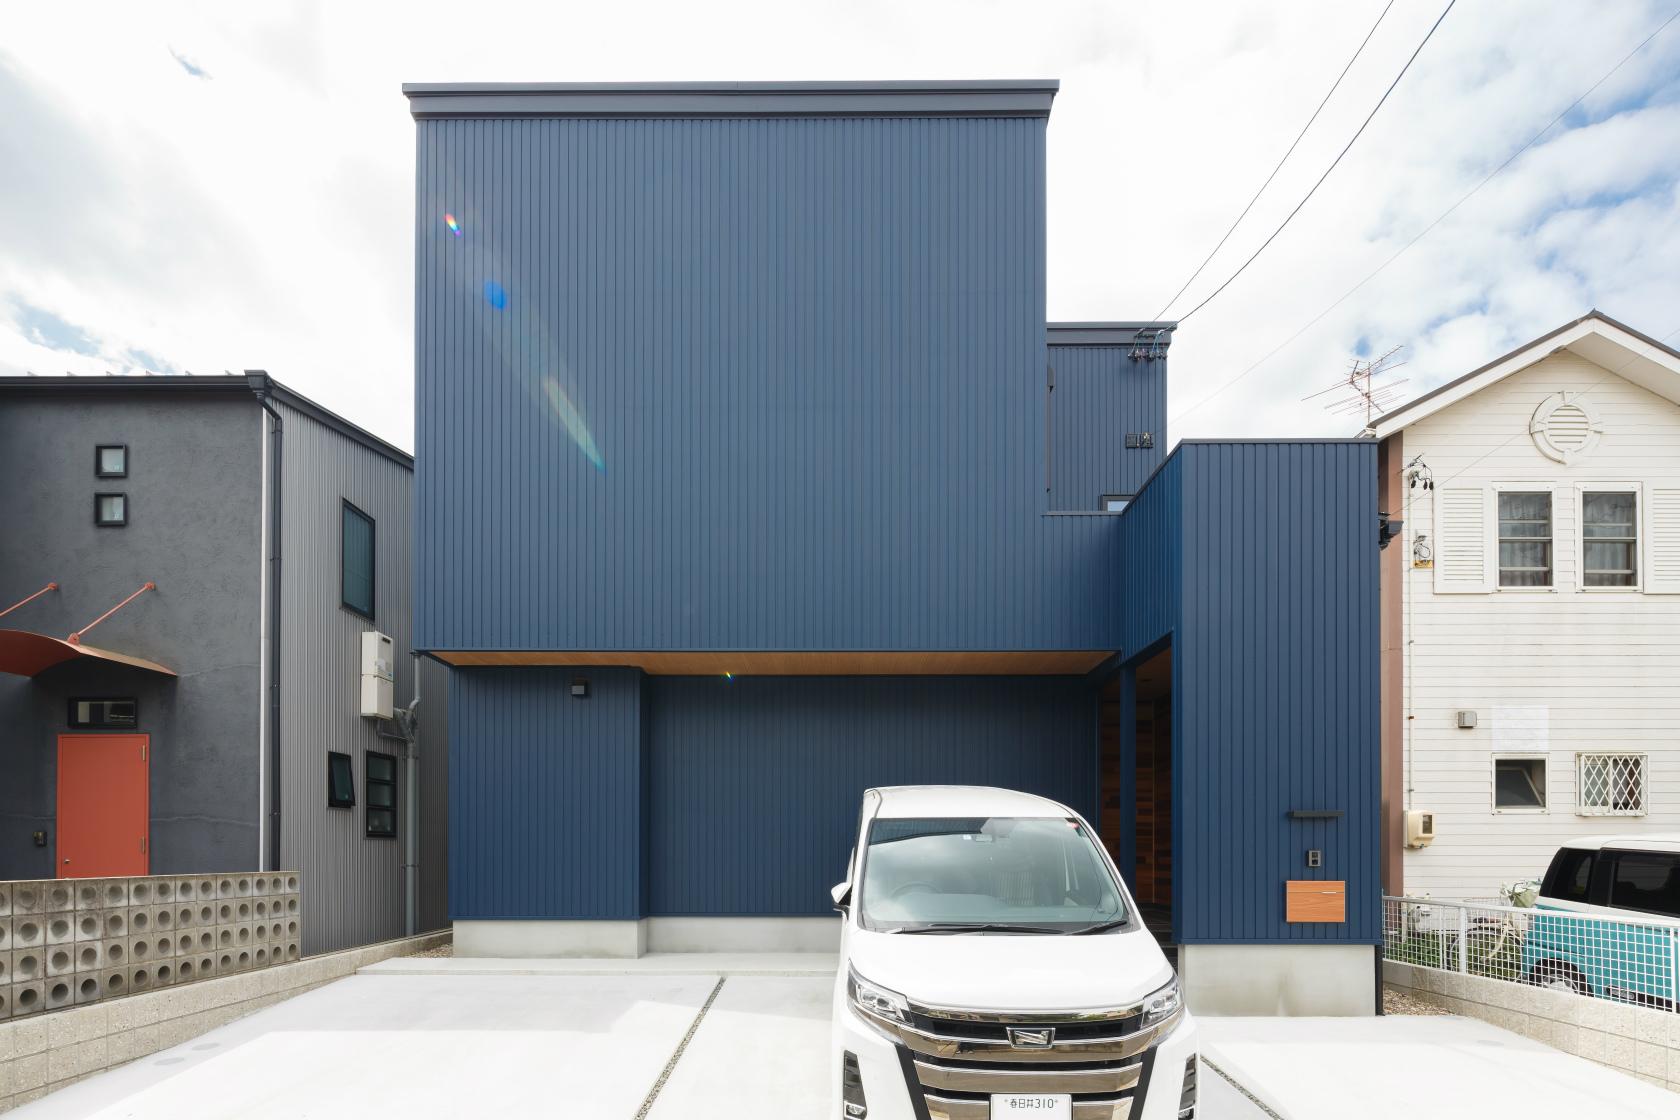 春日井市 オリジナルで作るオーダーメイドキッチンのある家 施工実例を追加致しました